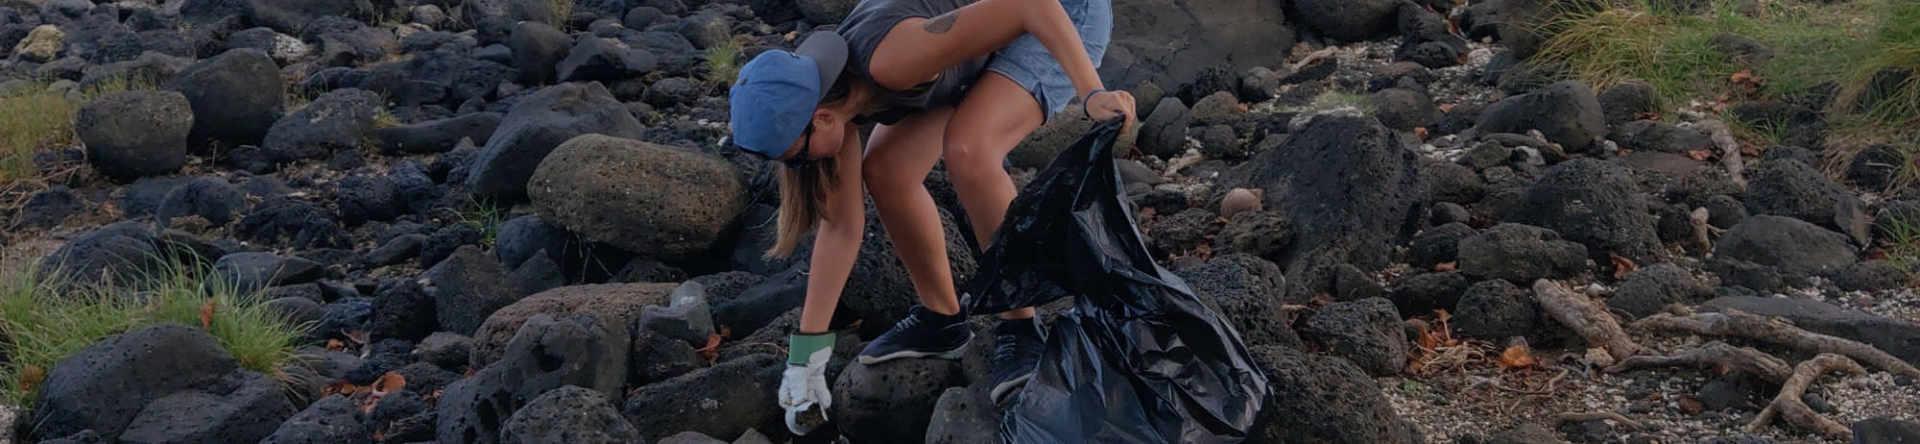 ozeankind-plastikmüll-verein cleanups lokale projekte